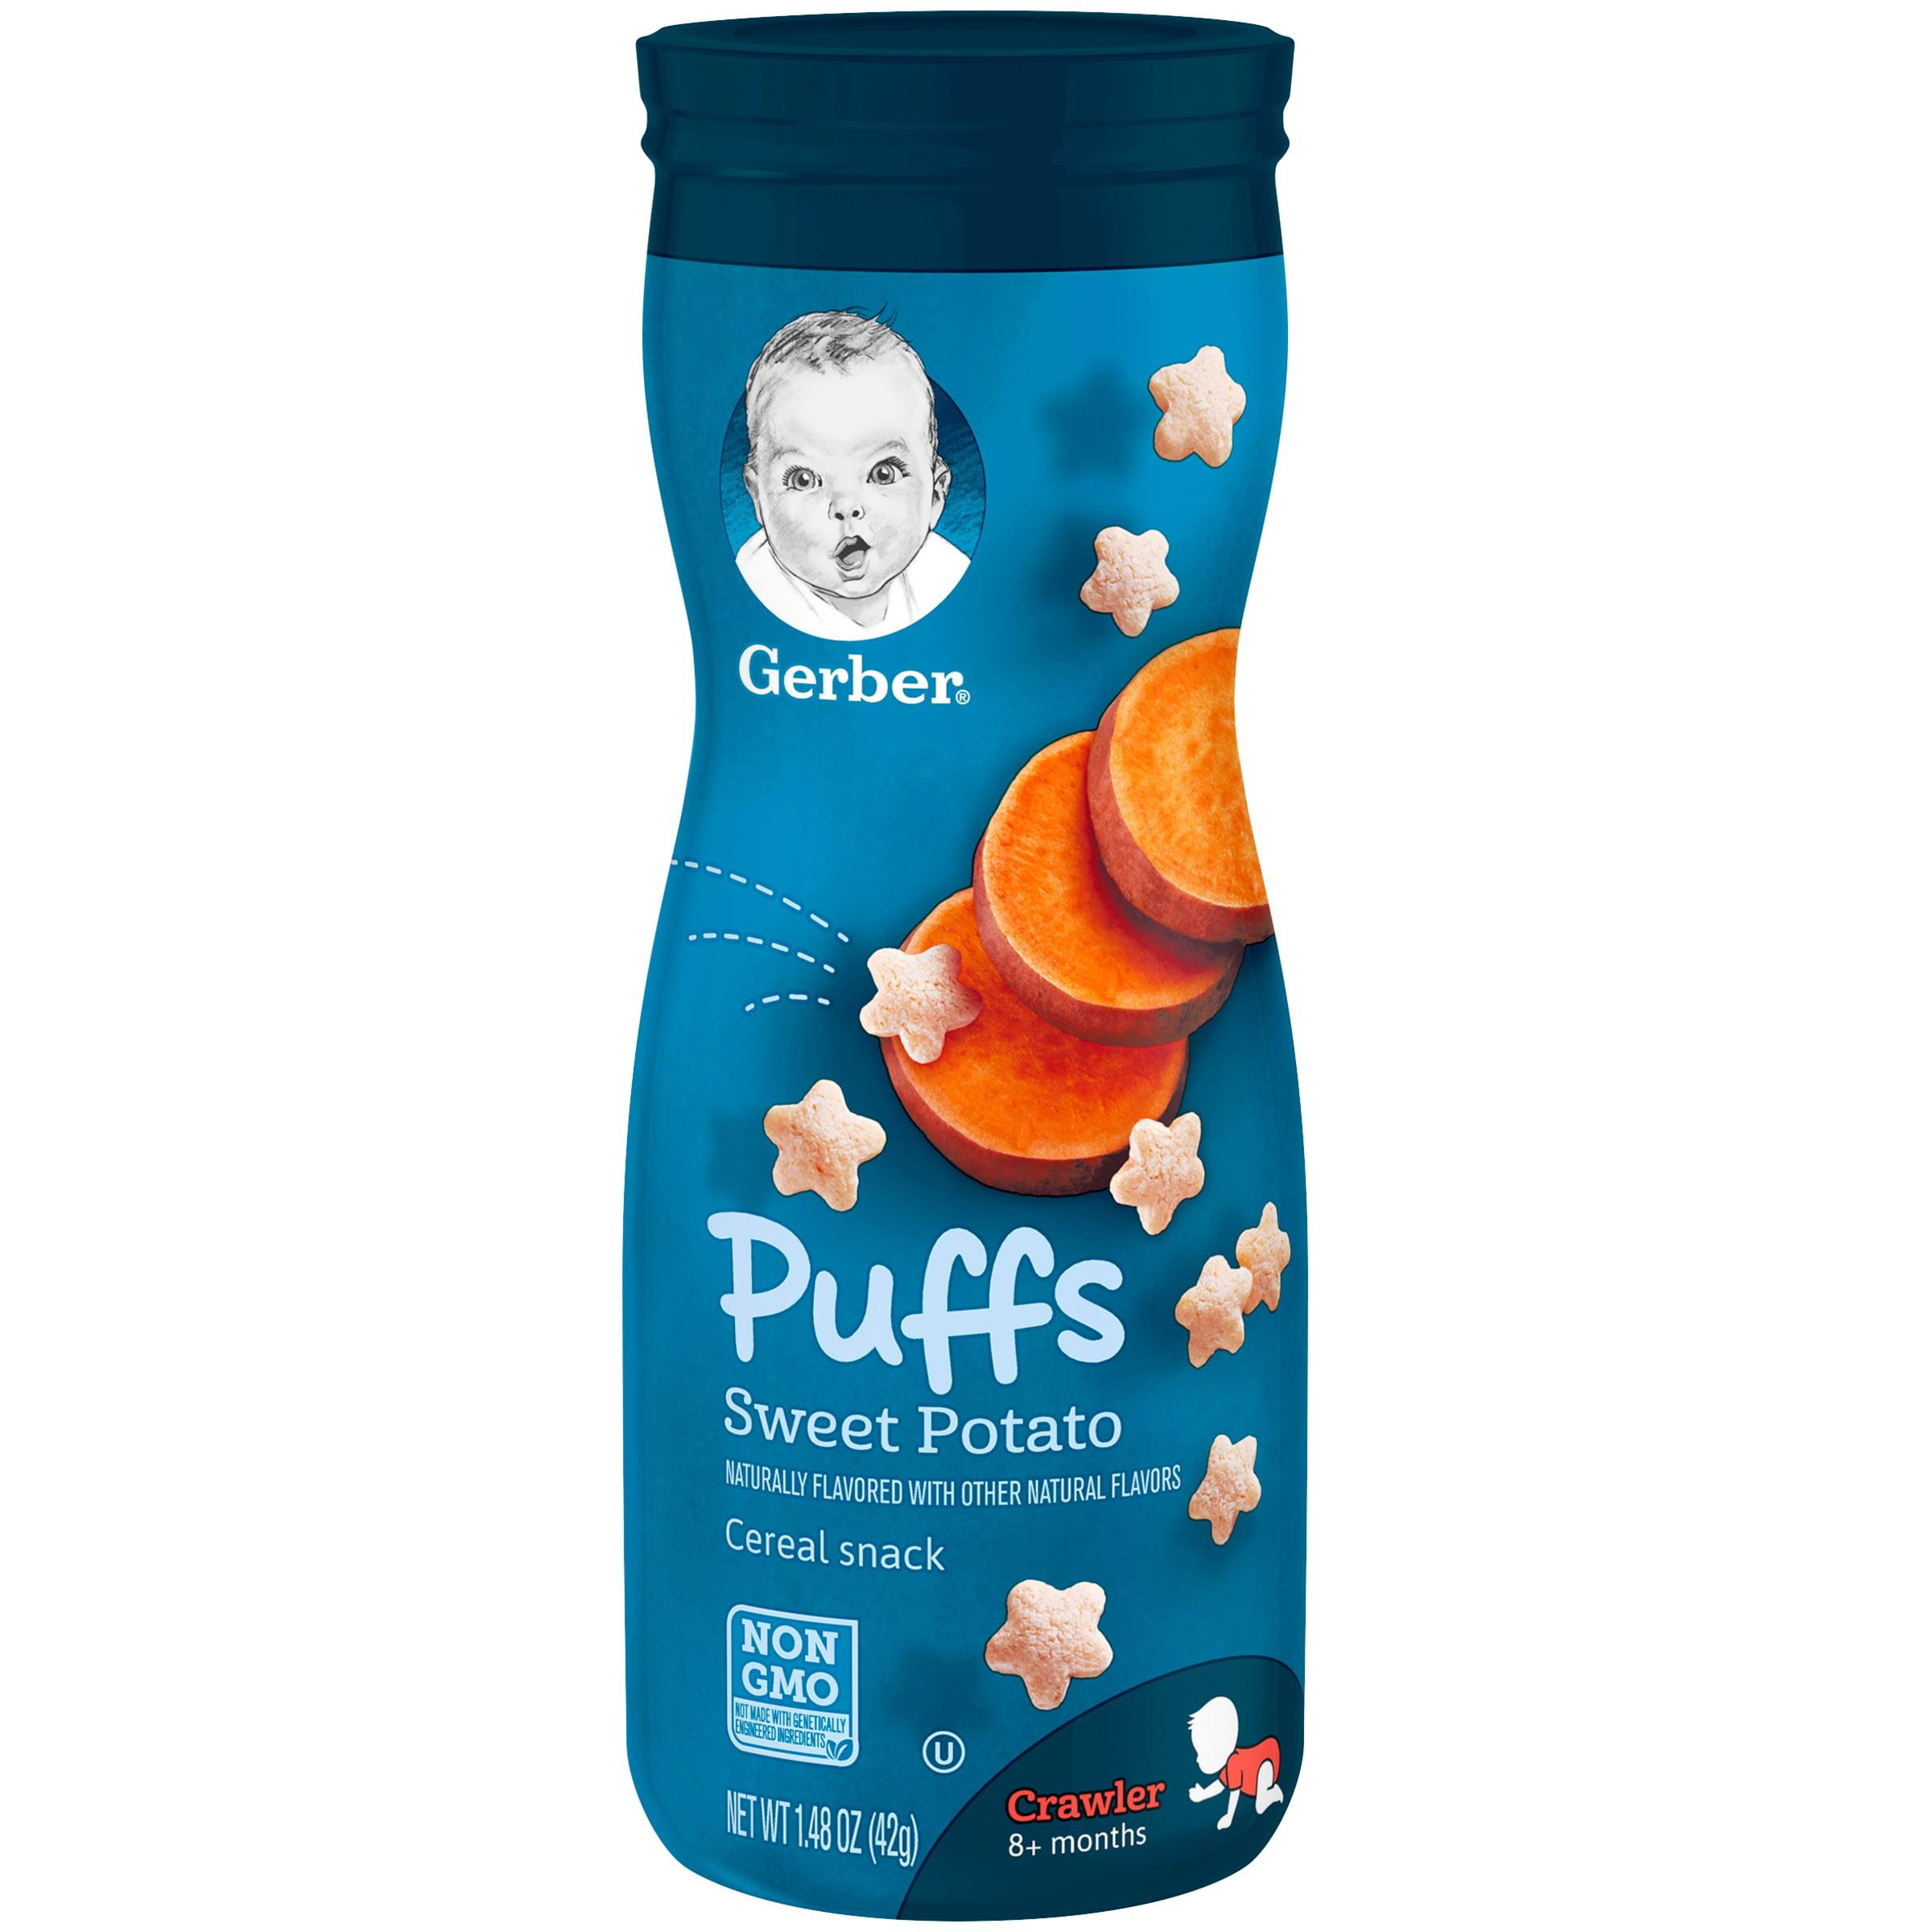 Gerber Puffs Sweet Potato, 1.48 oz. Canister